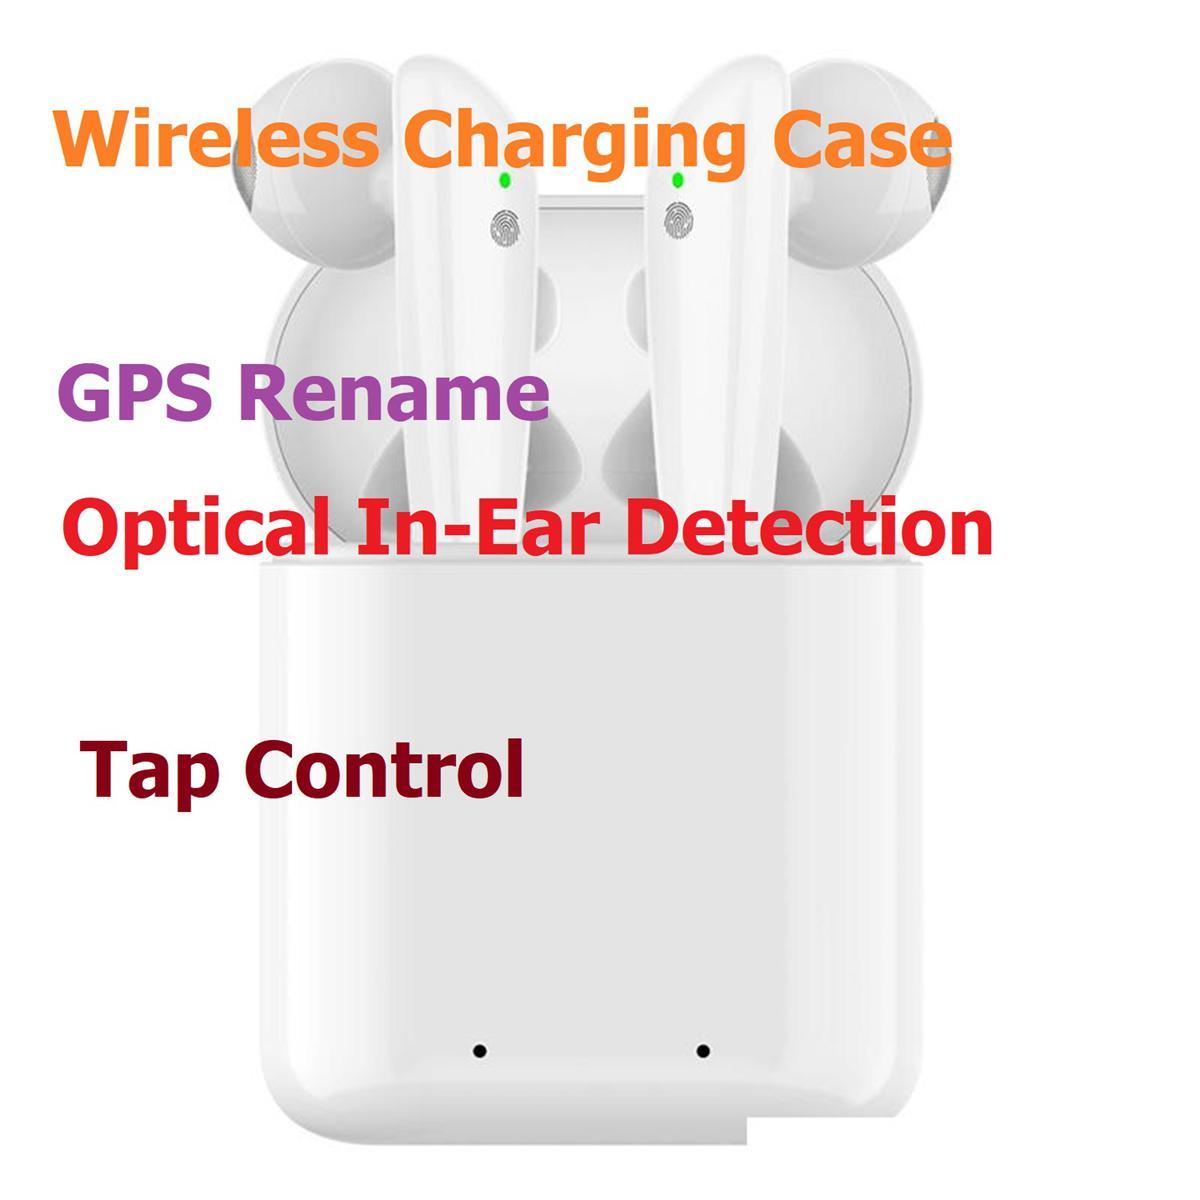 에어 광 감지 포드 PK 2 3 프로 I12 I9 충전 GPS 이름 바꾸기 AP2 AP3 TWS 블루투스 이어폰 헤드폰 헤드셋 이어폰 H1 칩 무선